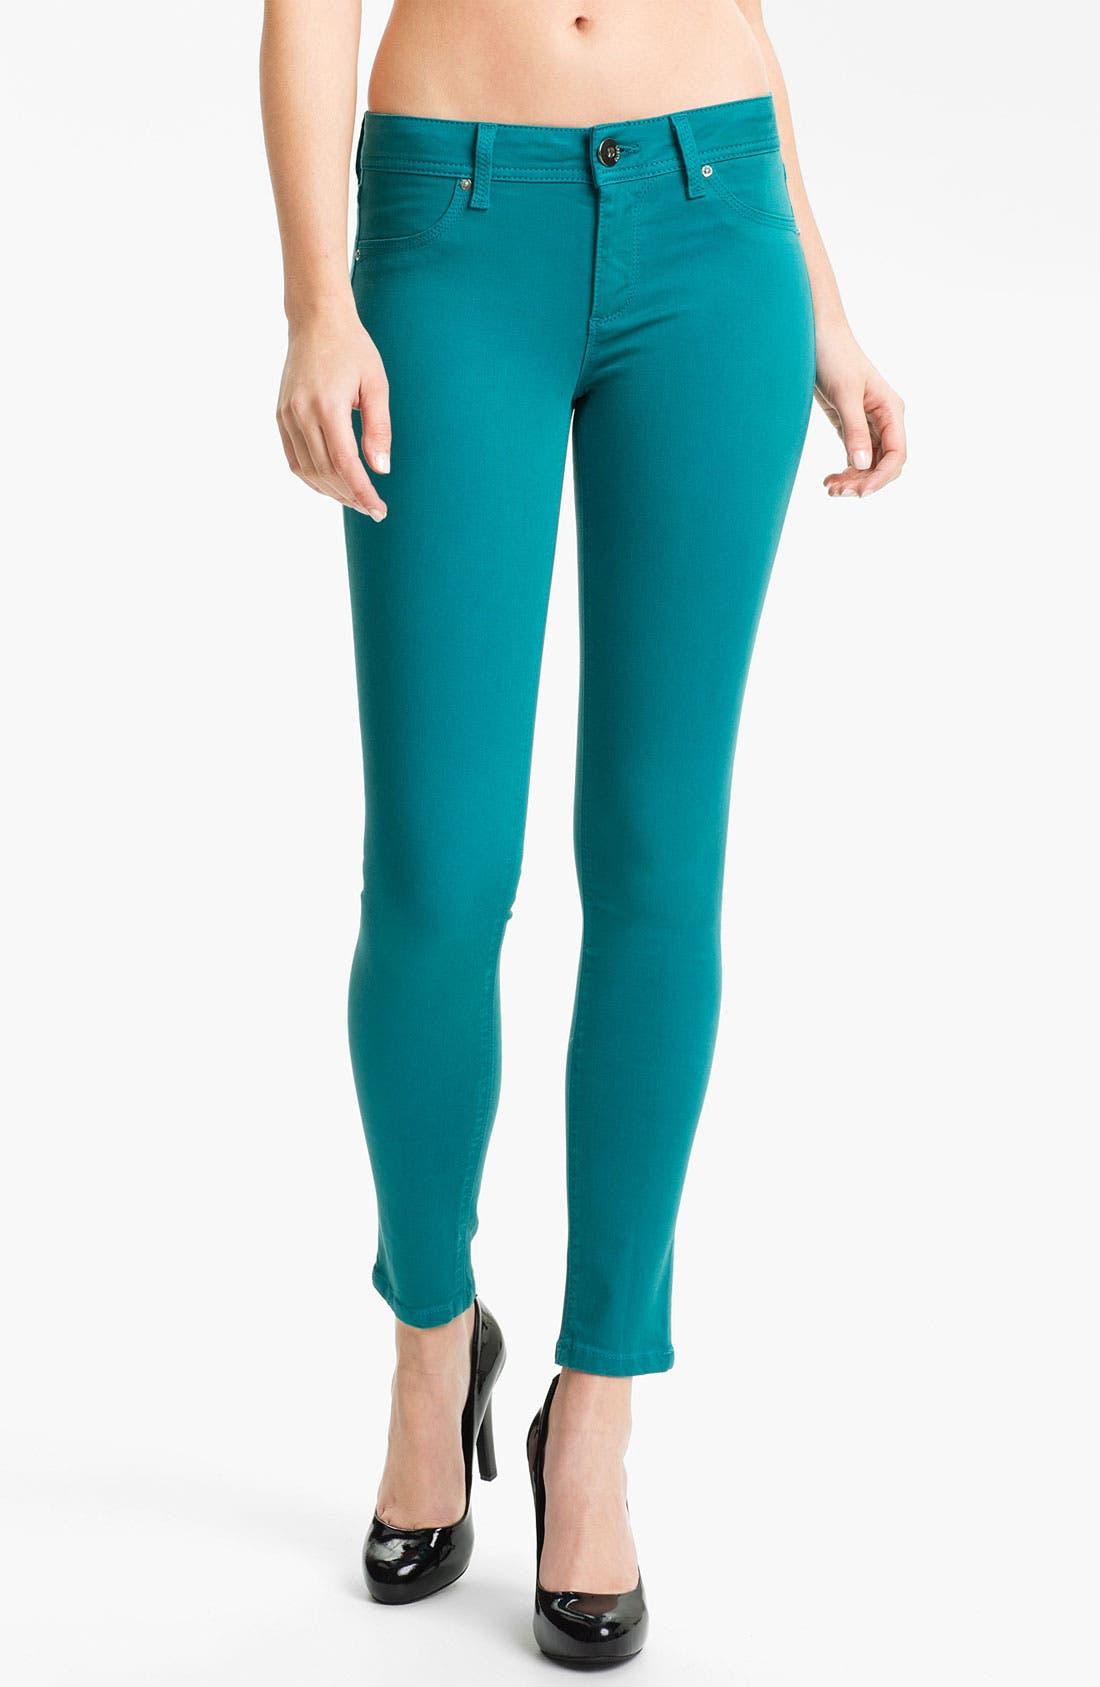 Main Image - DL1961 'Emma' X-Fit Stretch Skinny Jeans (Aruba)